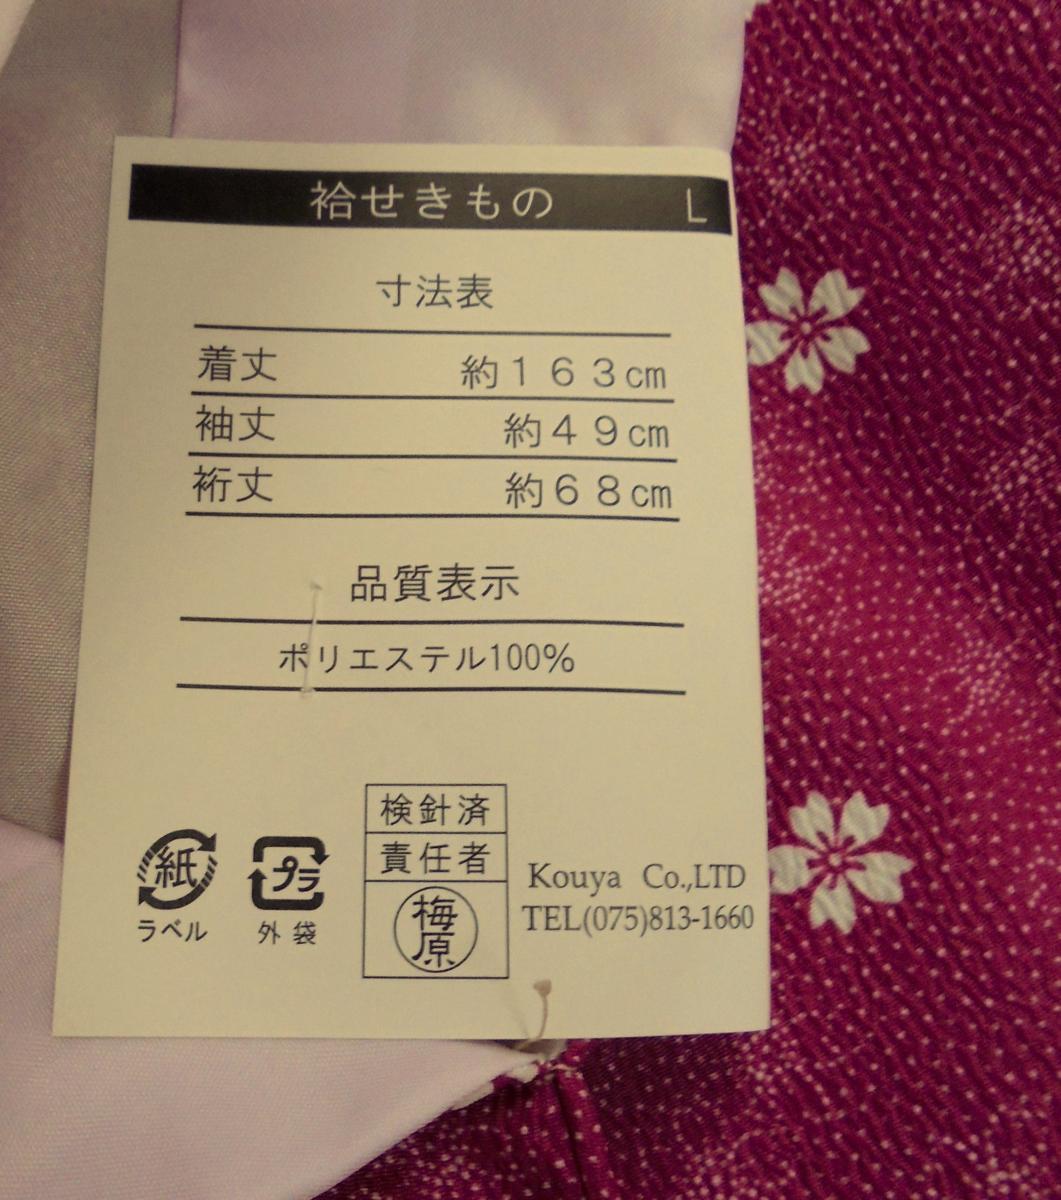 K1977 洗える袷着物 *江戸小紋柄* Lサイズ 「桜・赤紫」-_画像2